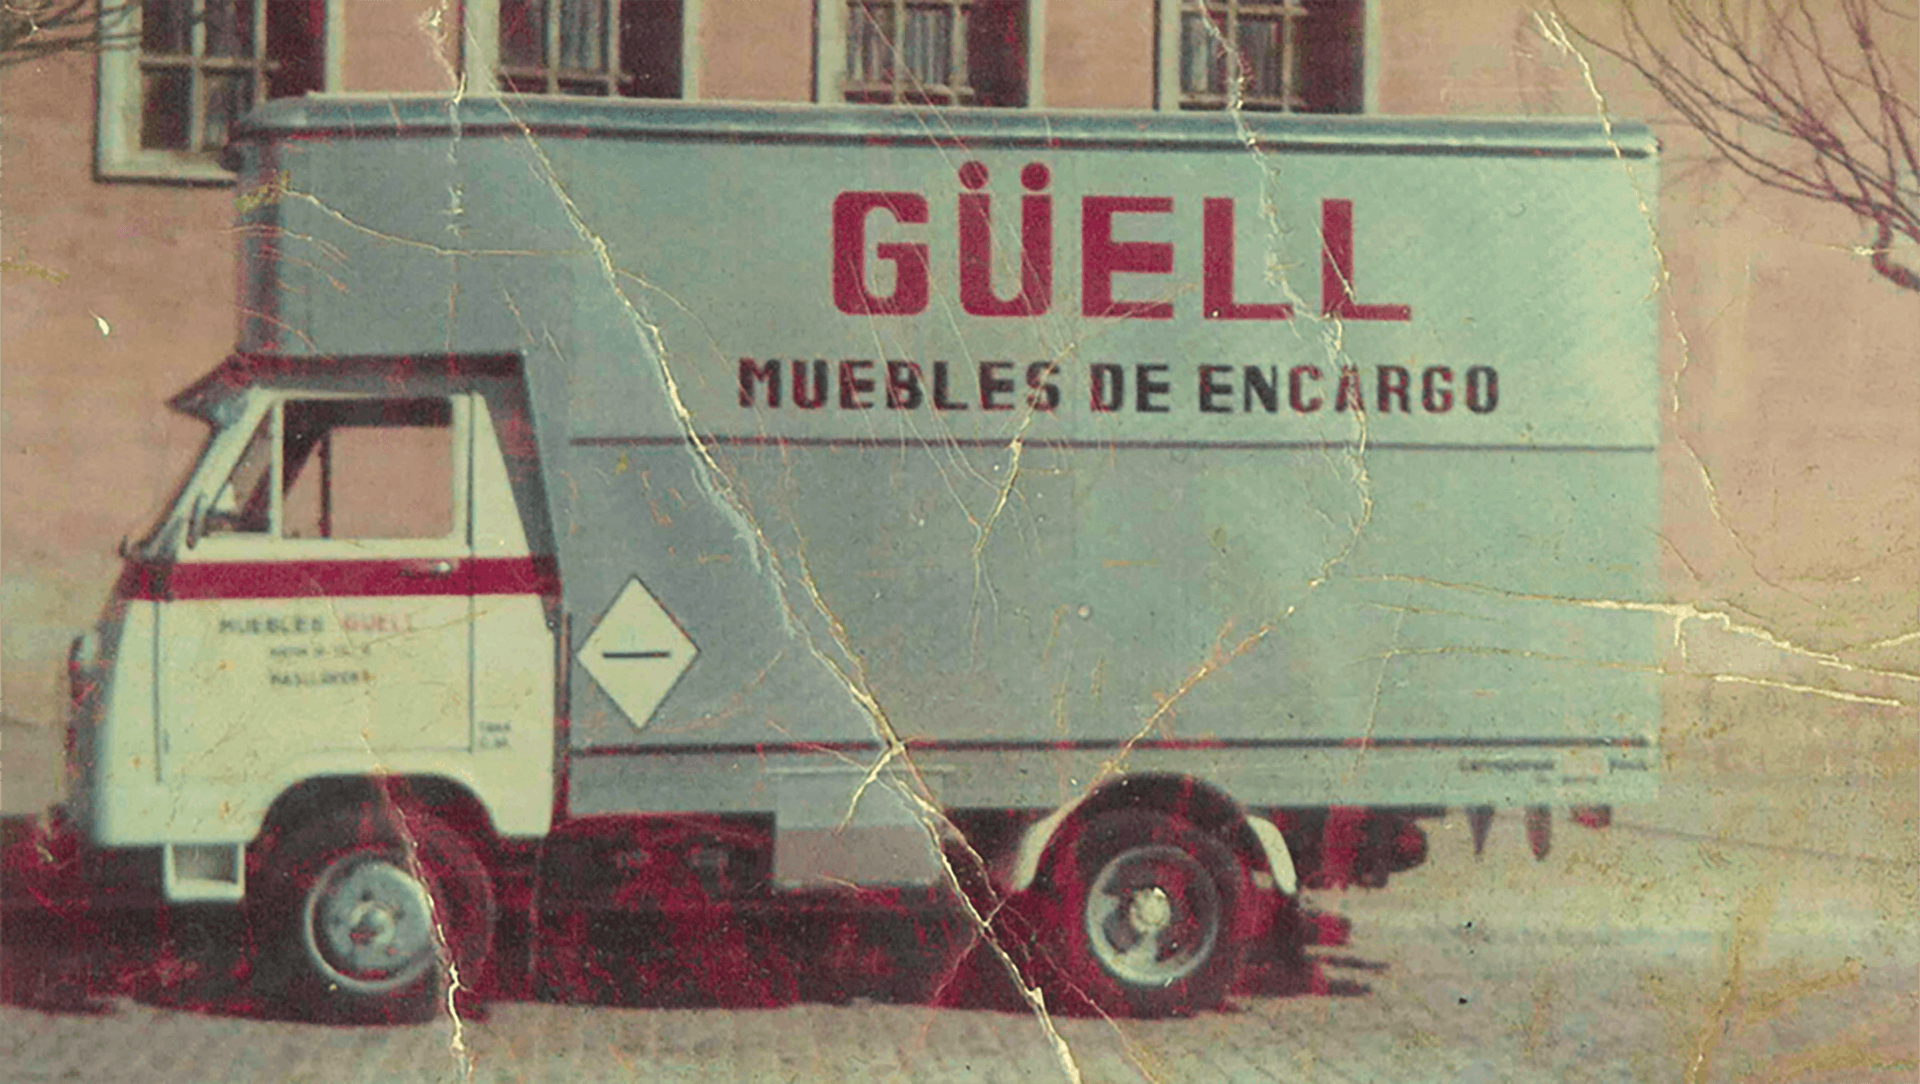 la botiga de mobles més antiga de Catalnuya. Mobles Güell a Masllorenç